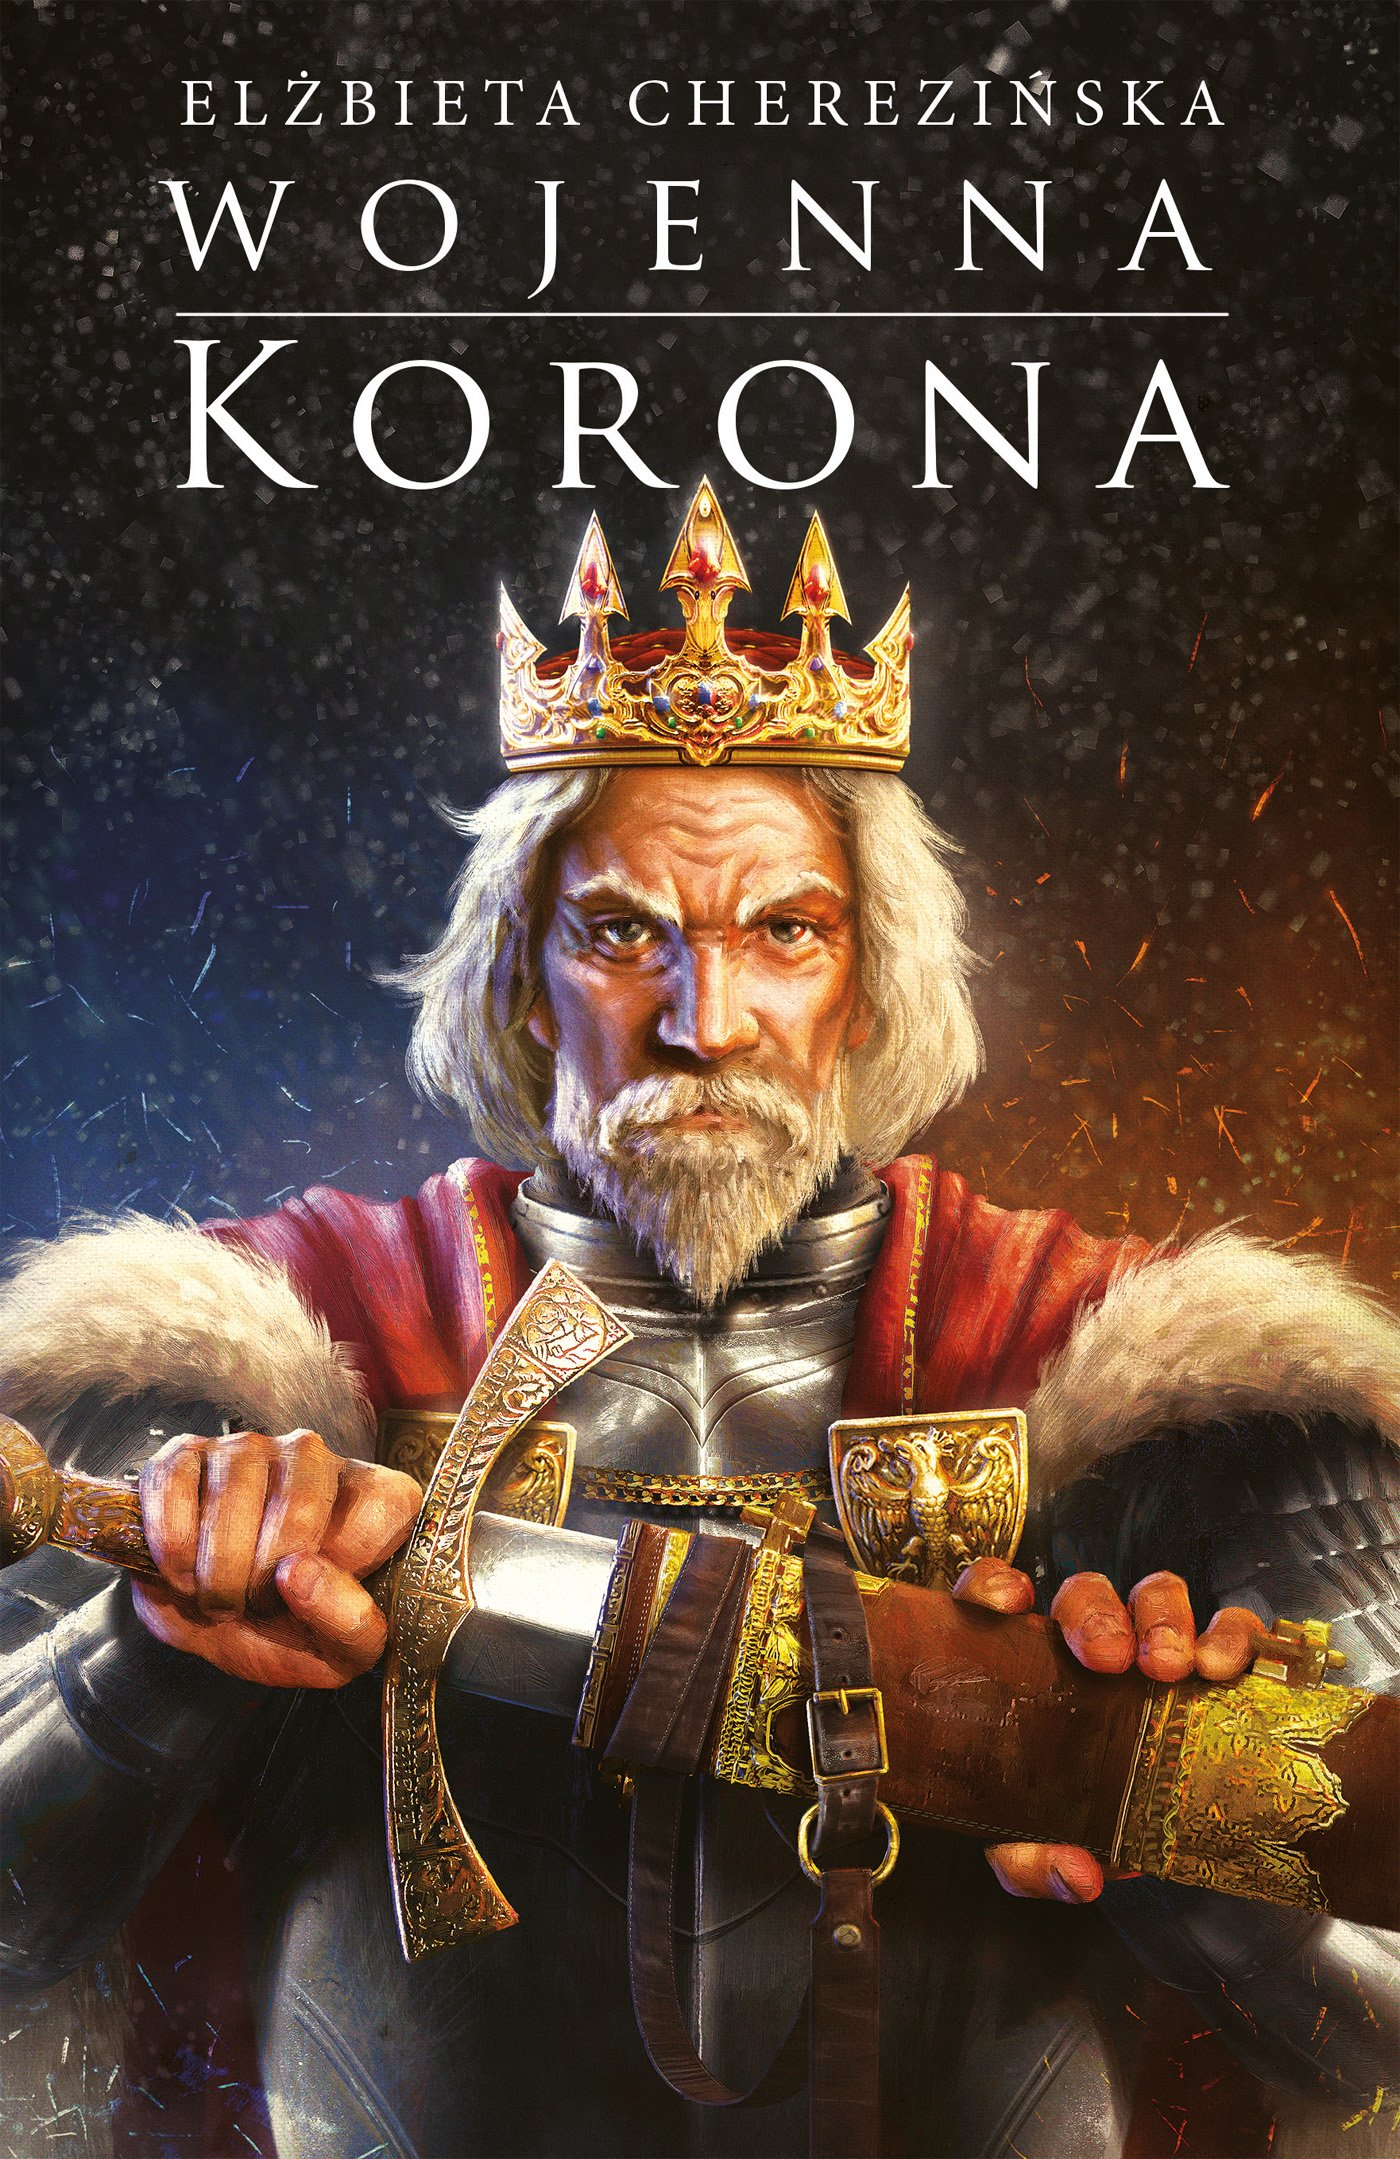 Wojenna korona - Ebook (Książka EPUB) do pobrania w formacie EPUB